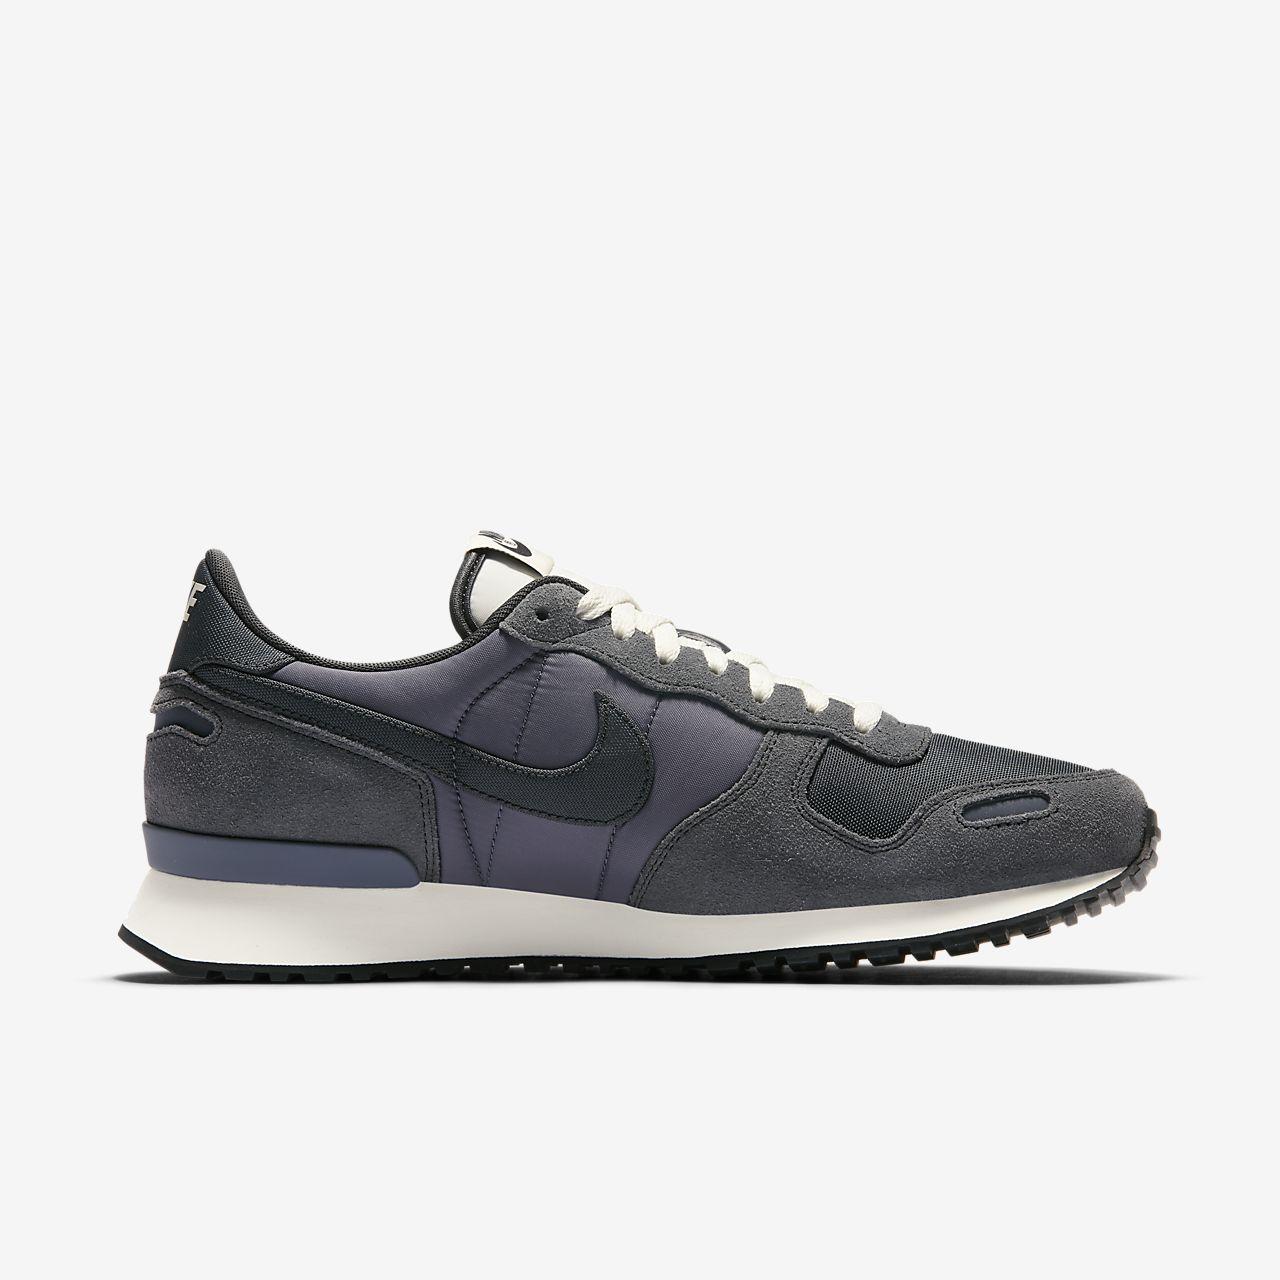 Chaussures Nike Vortex Gris 47 Hommes X9nEpa